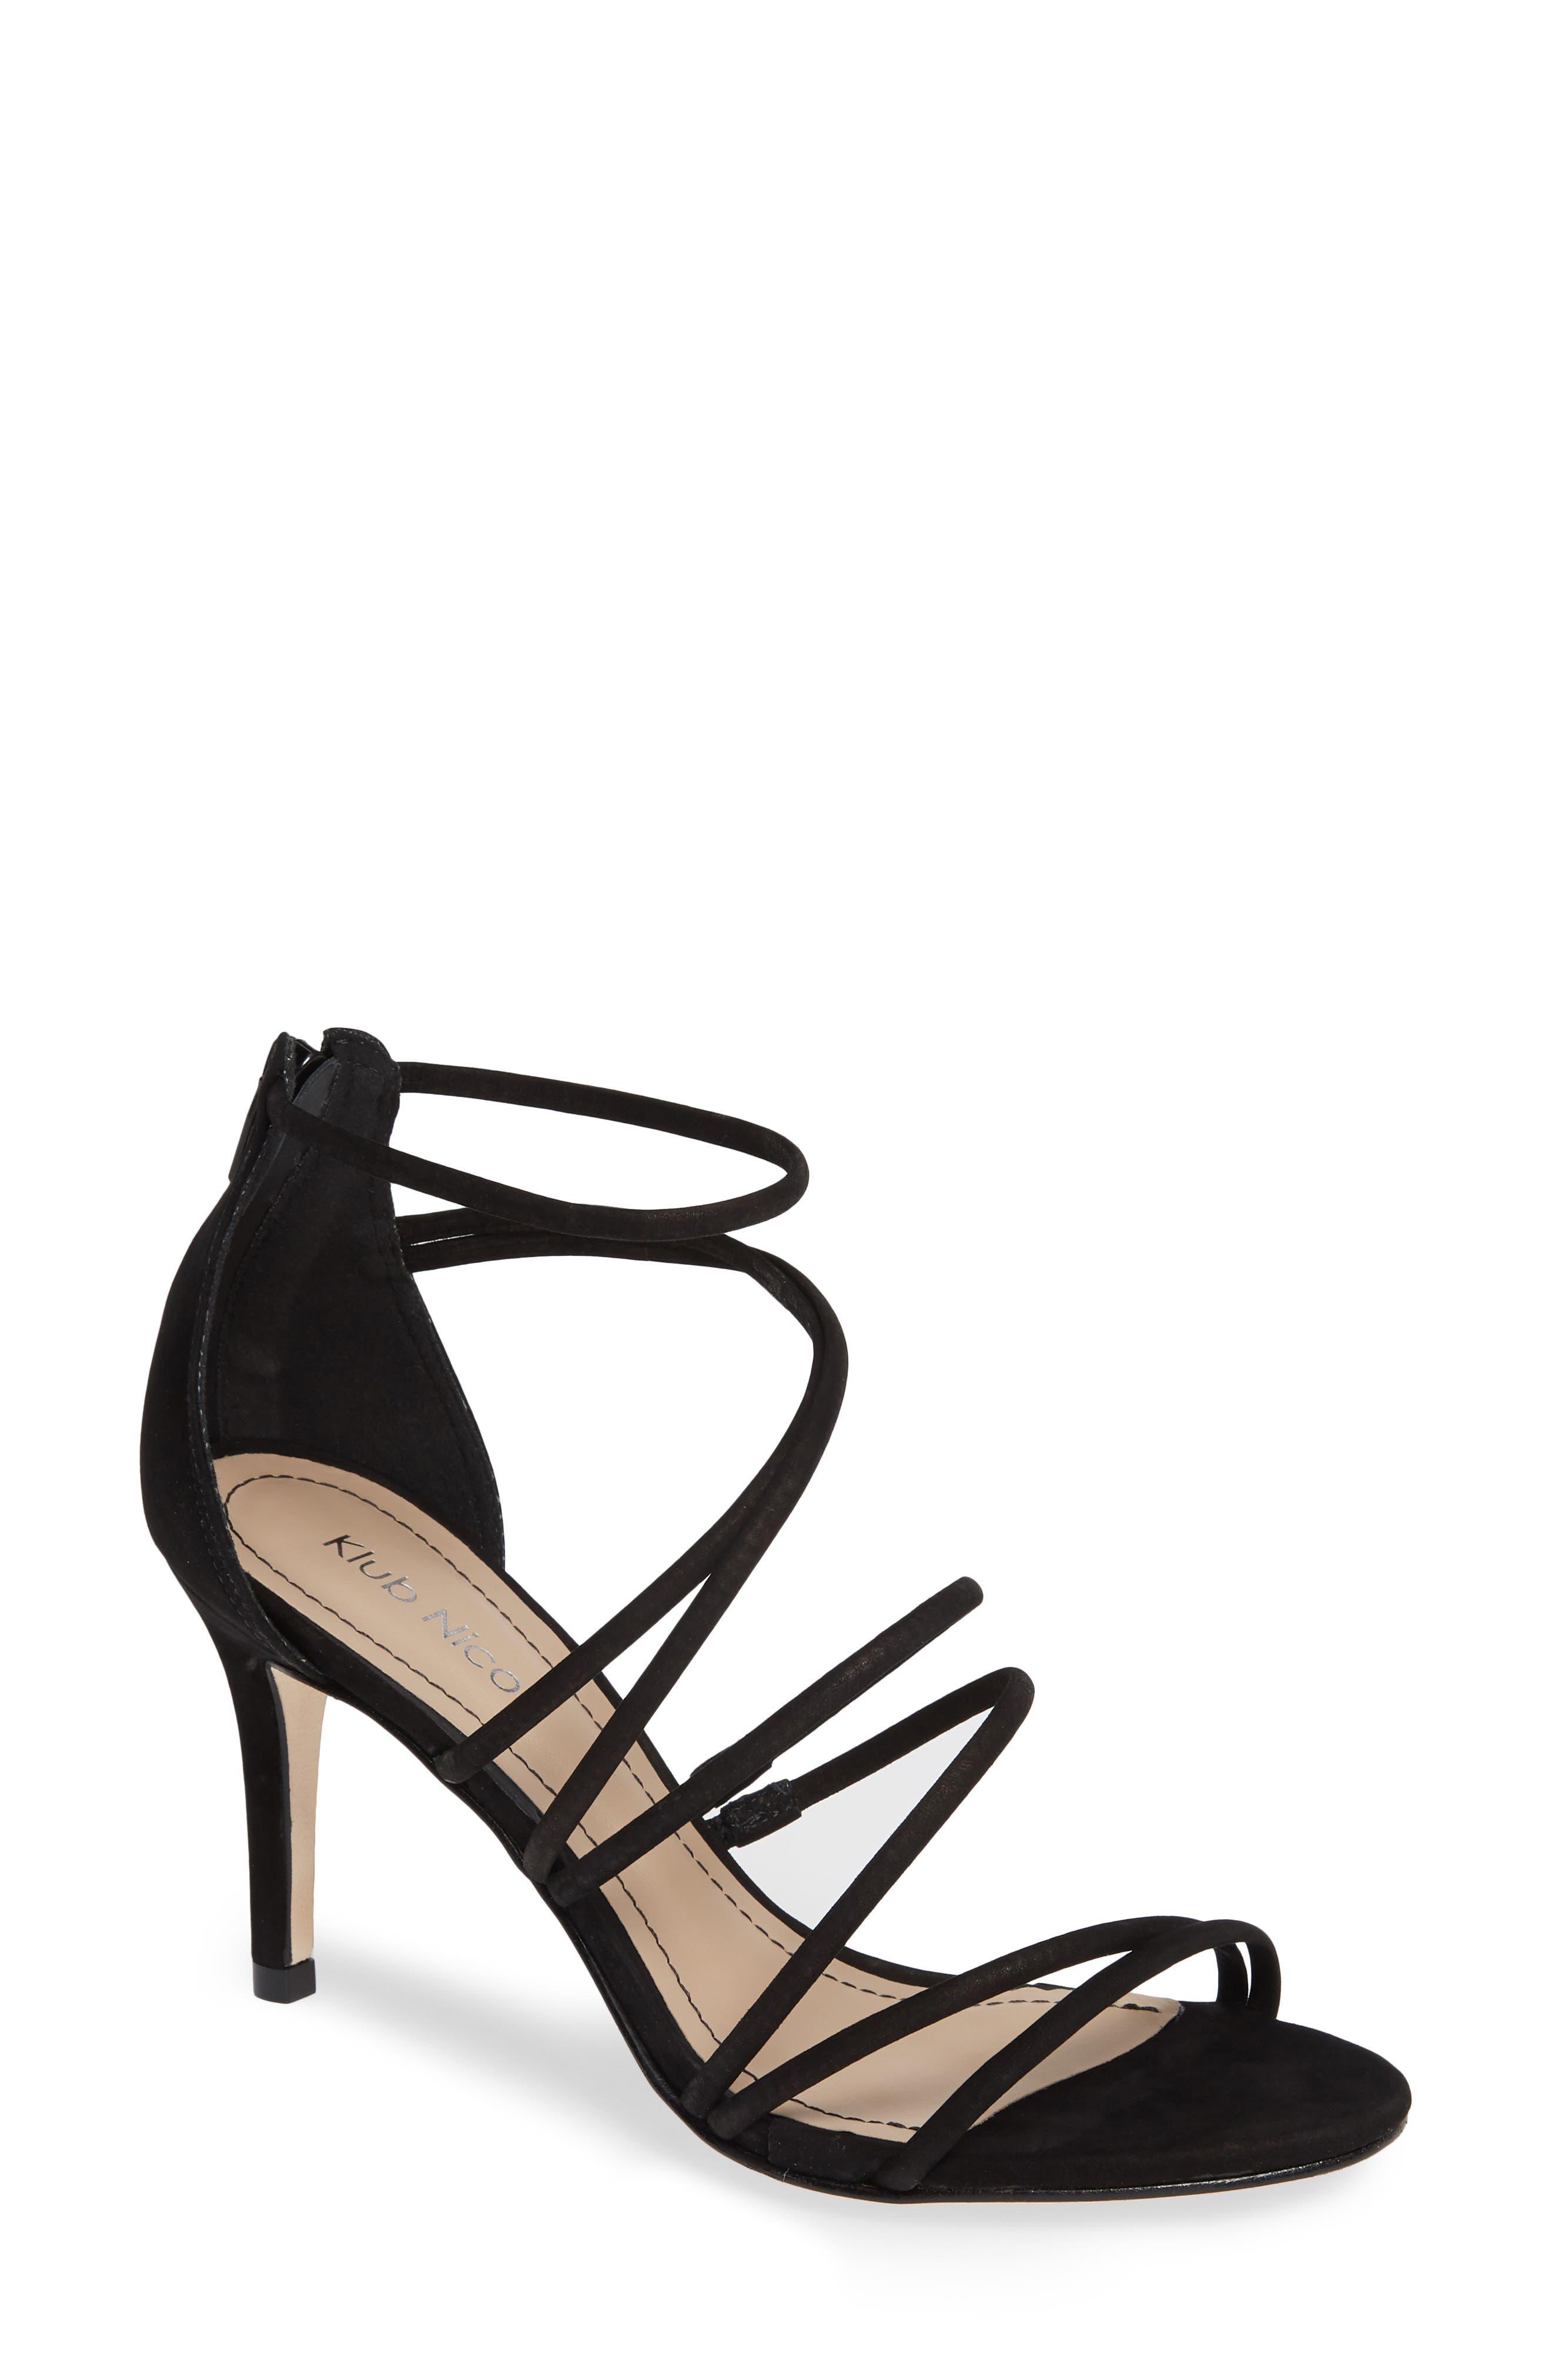 Ashton Sandal,                             Main thumbnail 1, color,                             Black Leather